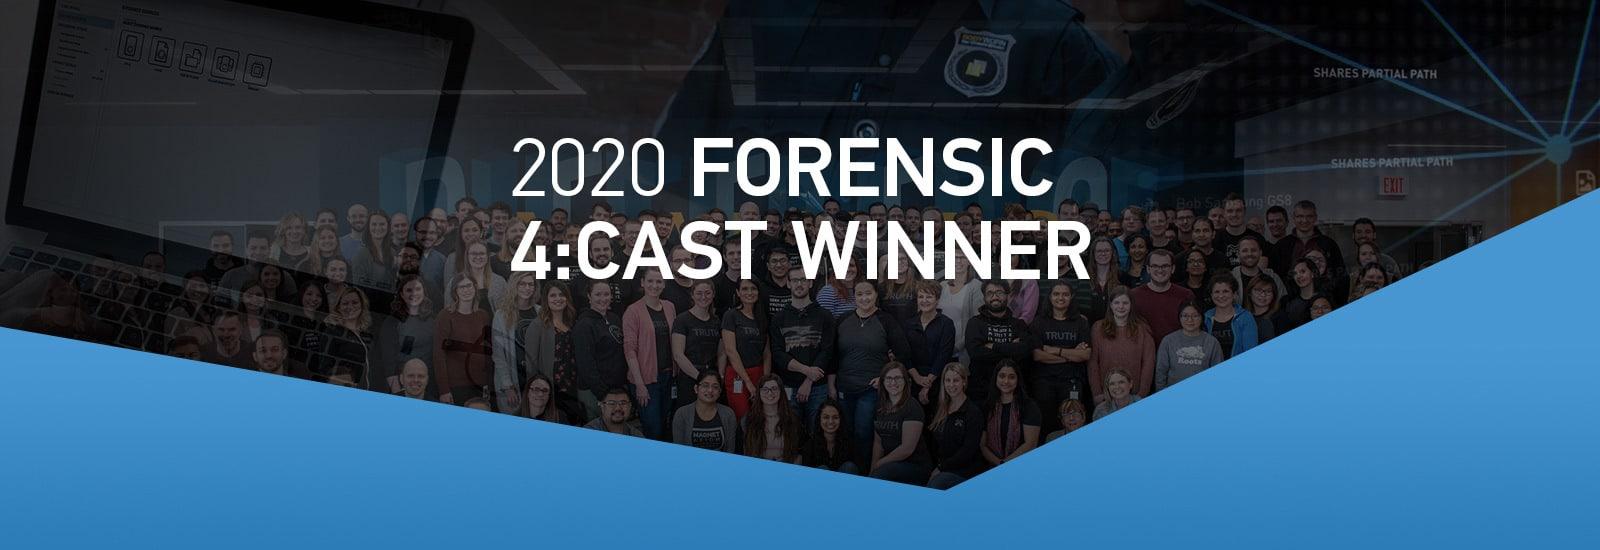 Forensic 4:cast Winner